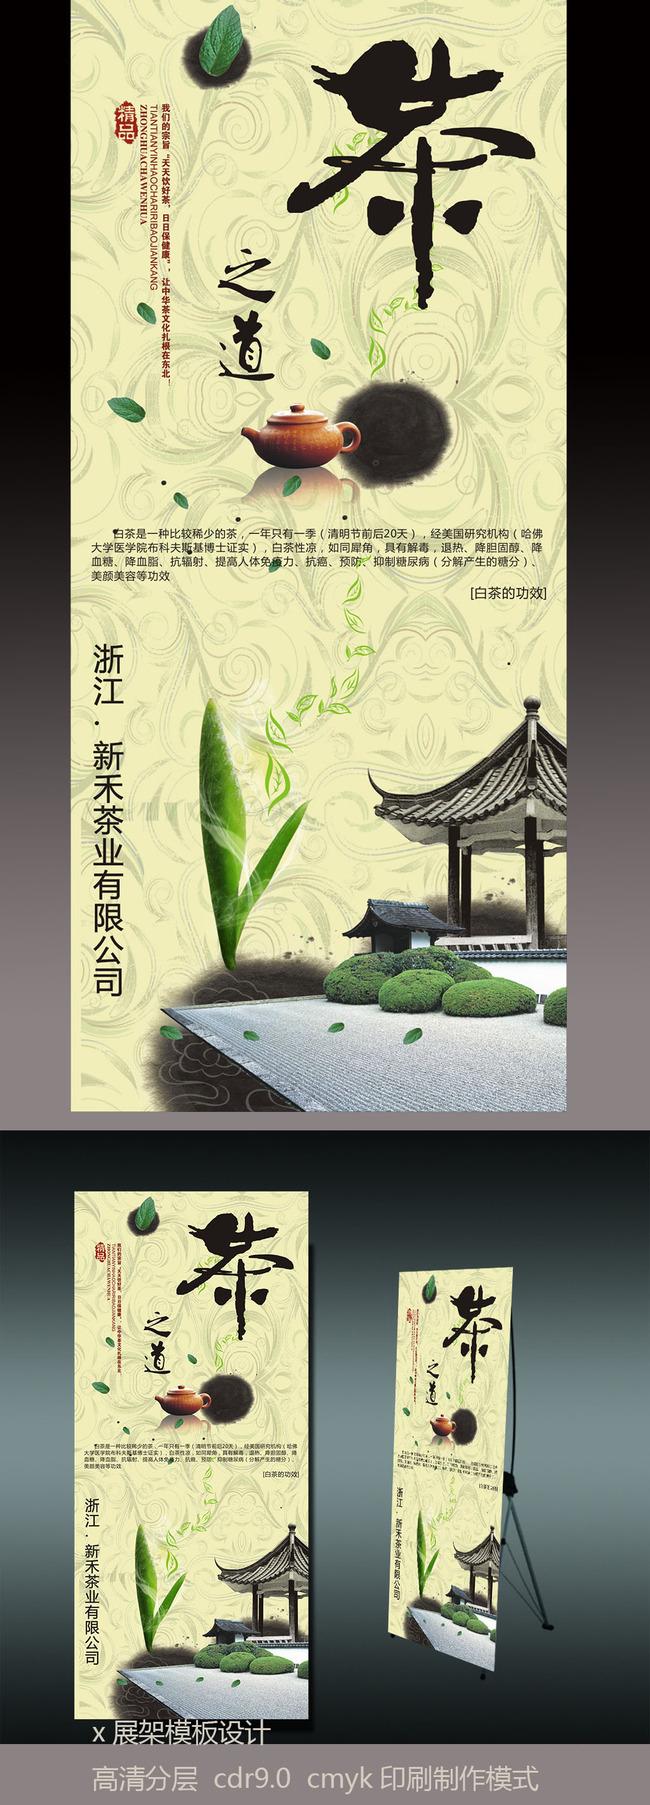 宣传海报设计 茶叶设计模板 白茶街 白茶节 古典 清新 茶叶 绿茶